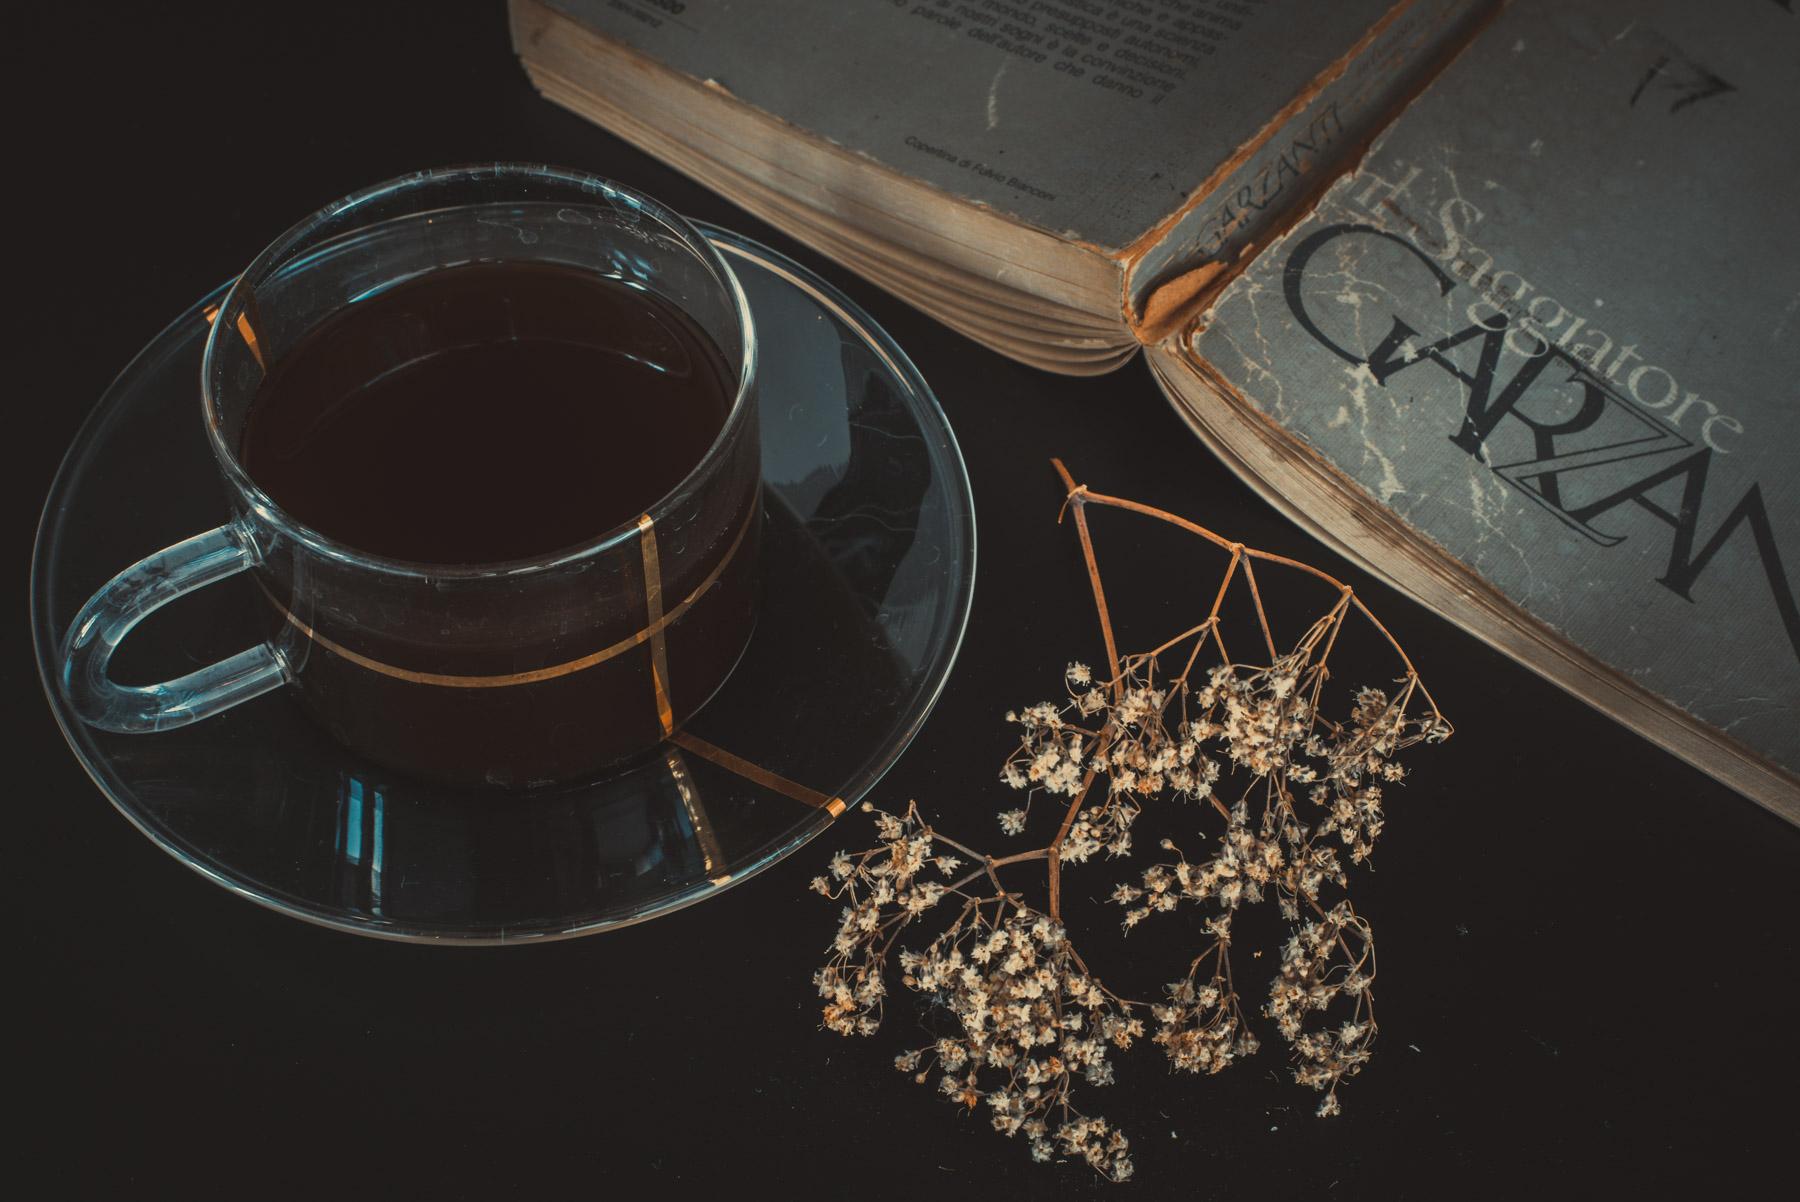 A coffee cup on a dark table with an old open book and white dried flowers; una tazza di caffè su un tavolo scuro con dei fiori secchi chiari e un vecchio libro aperto